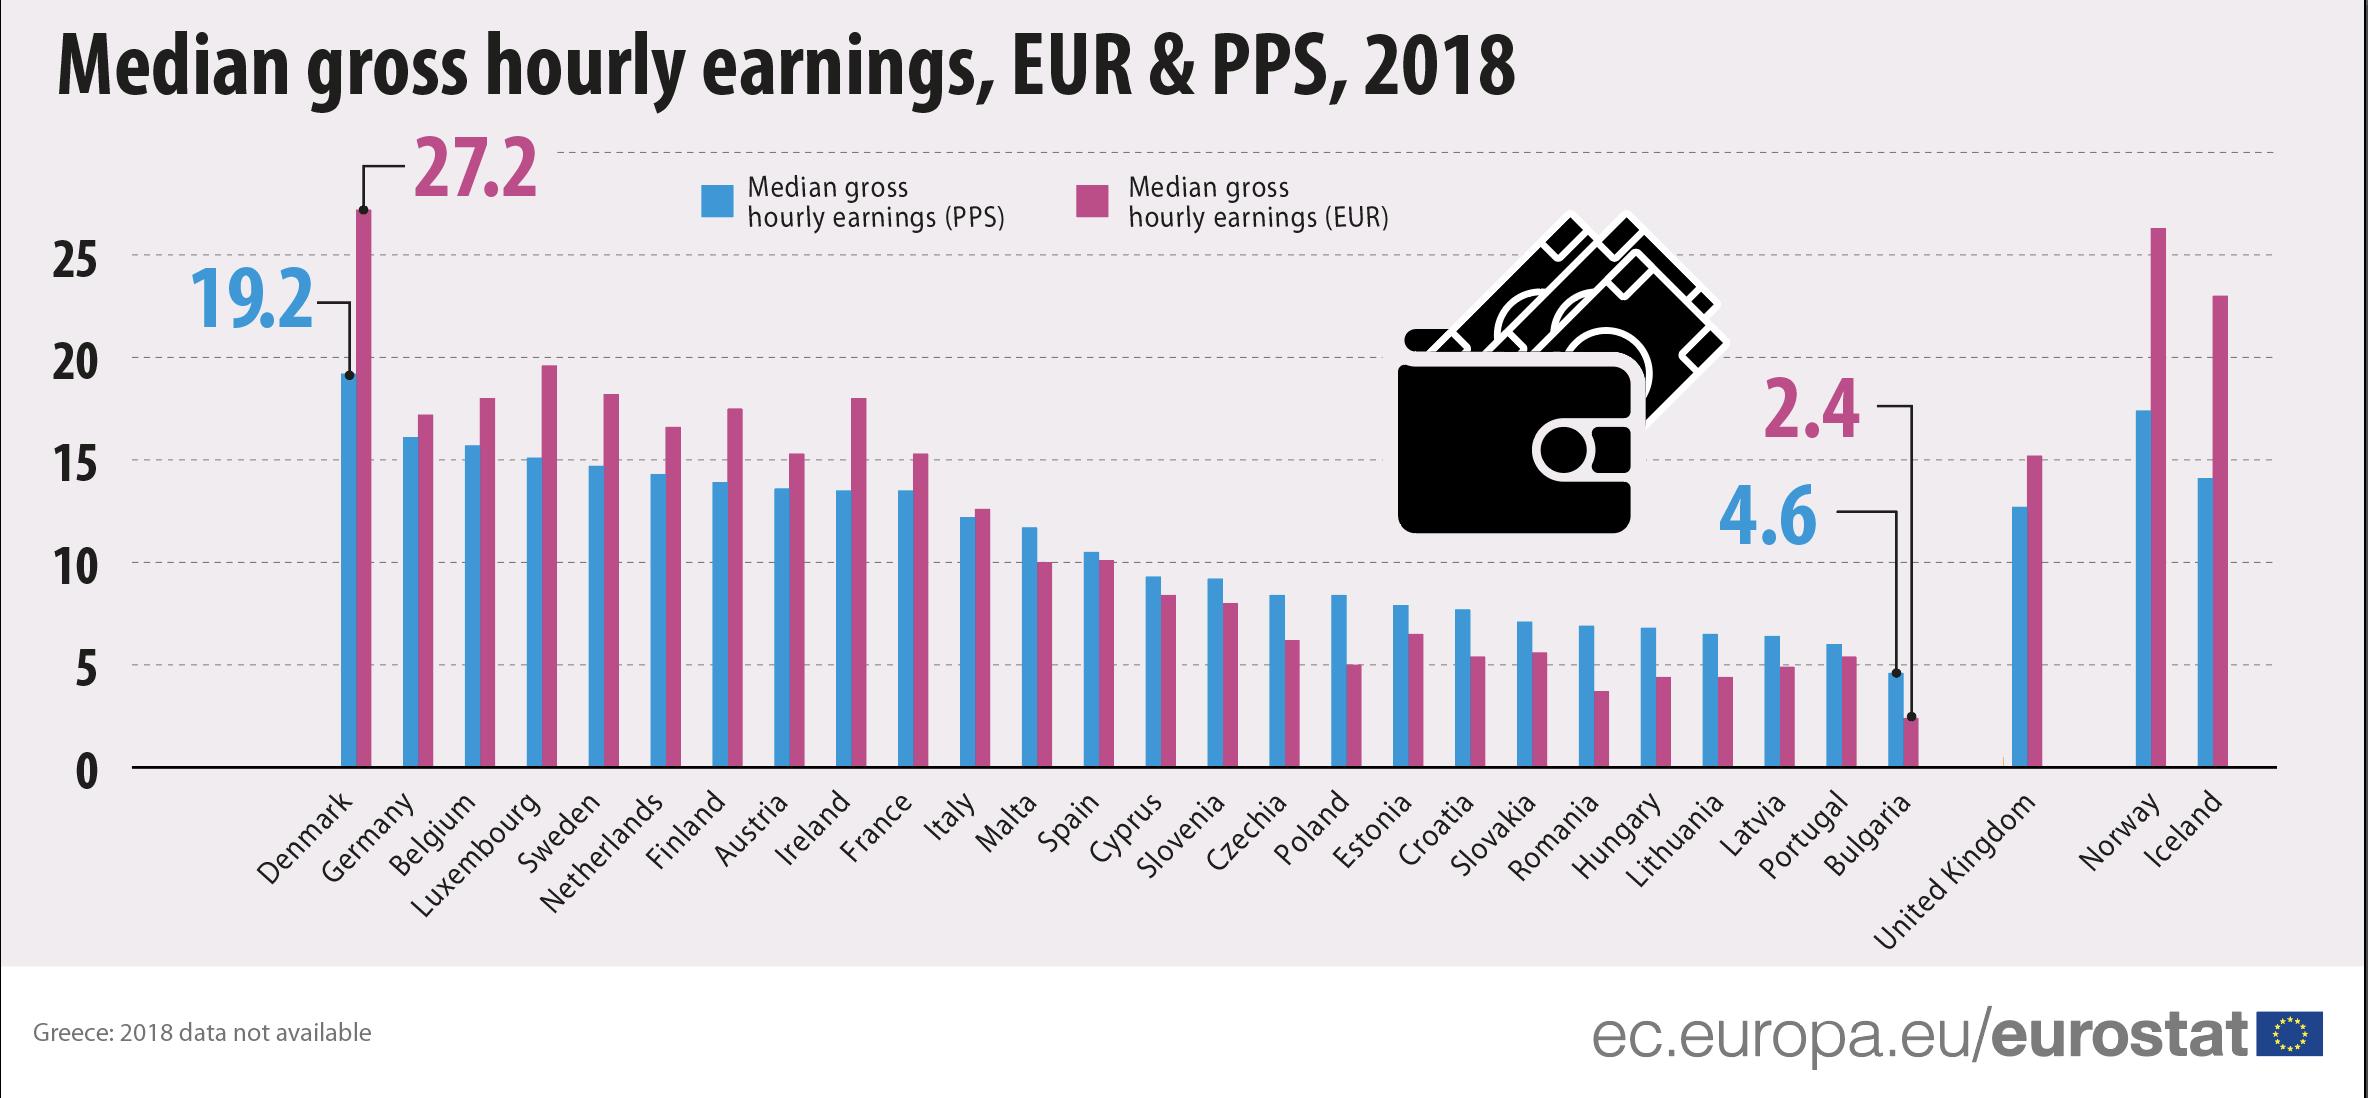 Median gross hourly earnings, EUR&PPS, 2018